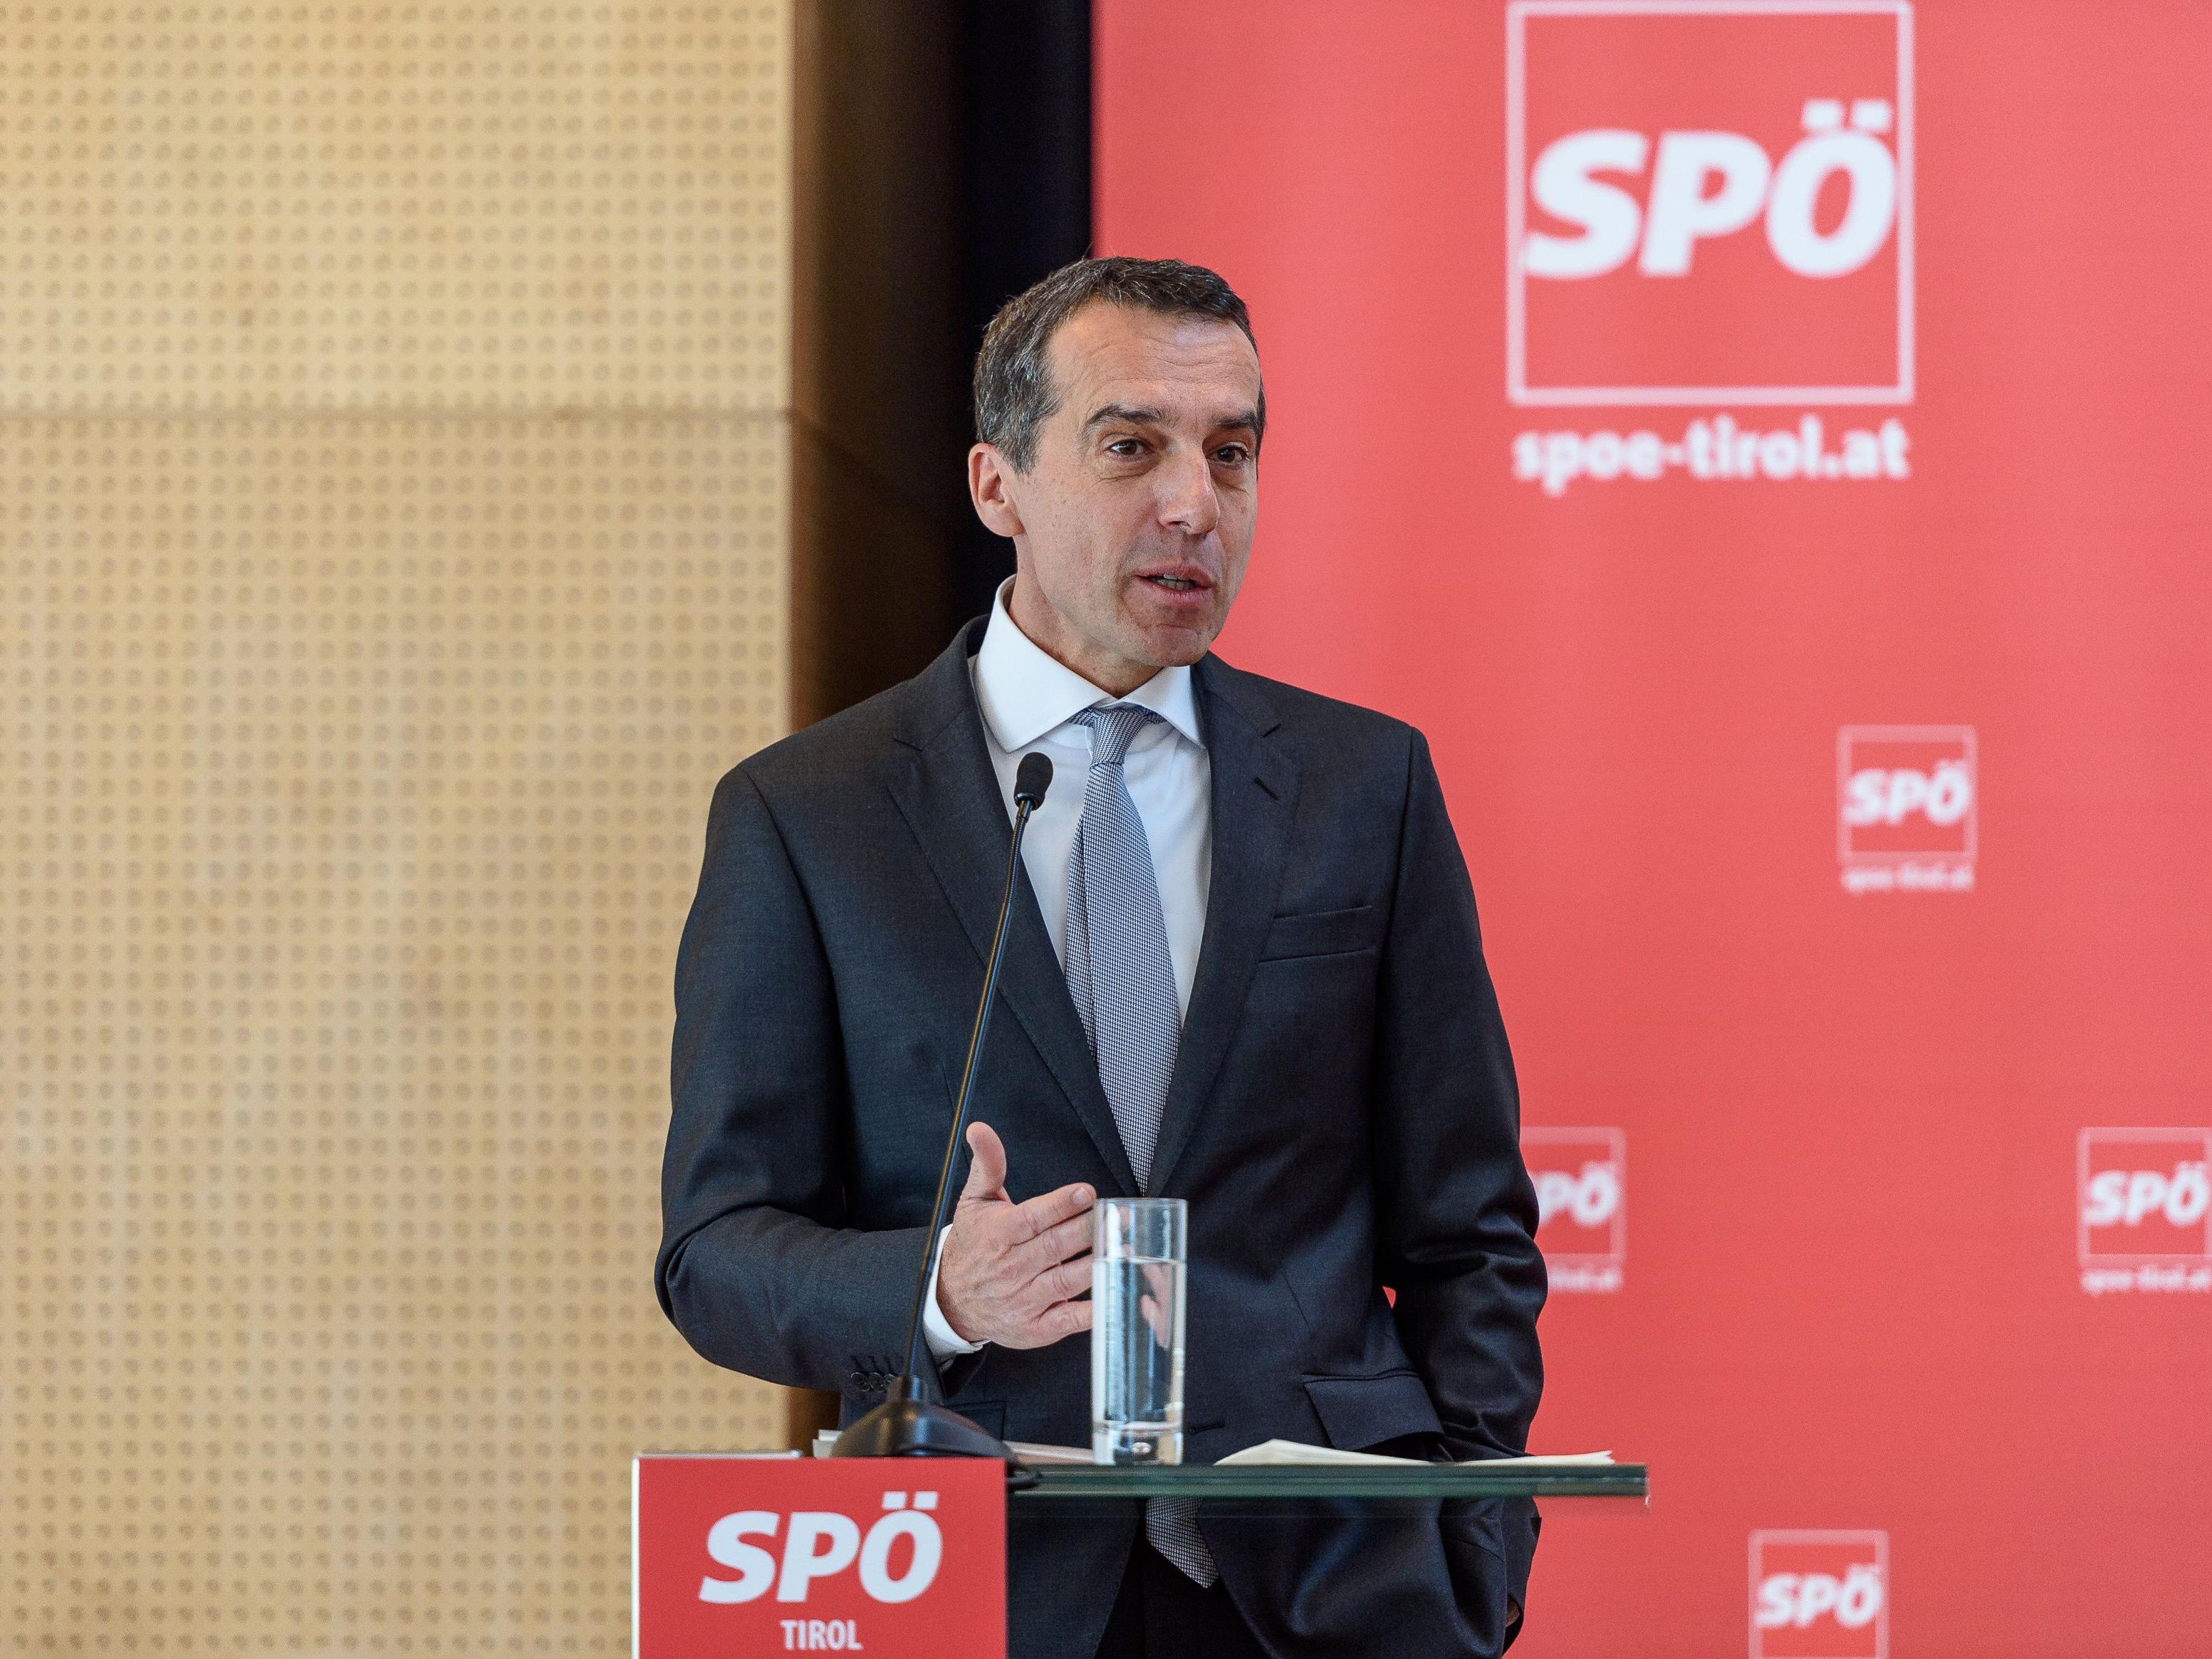 Die Kern-SPÖ geht mit einem neuen PR-Berater ins Rennen